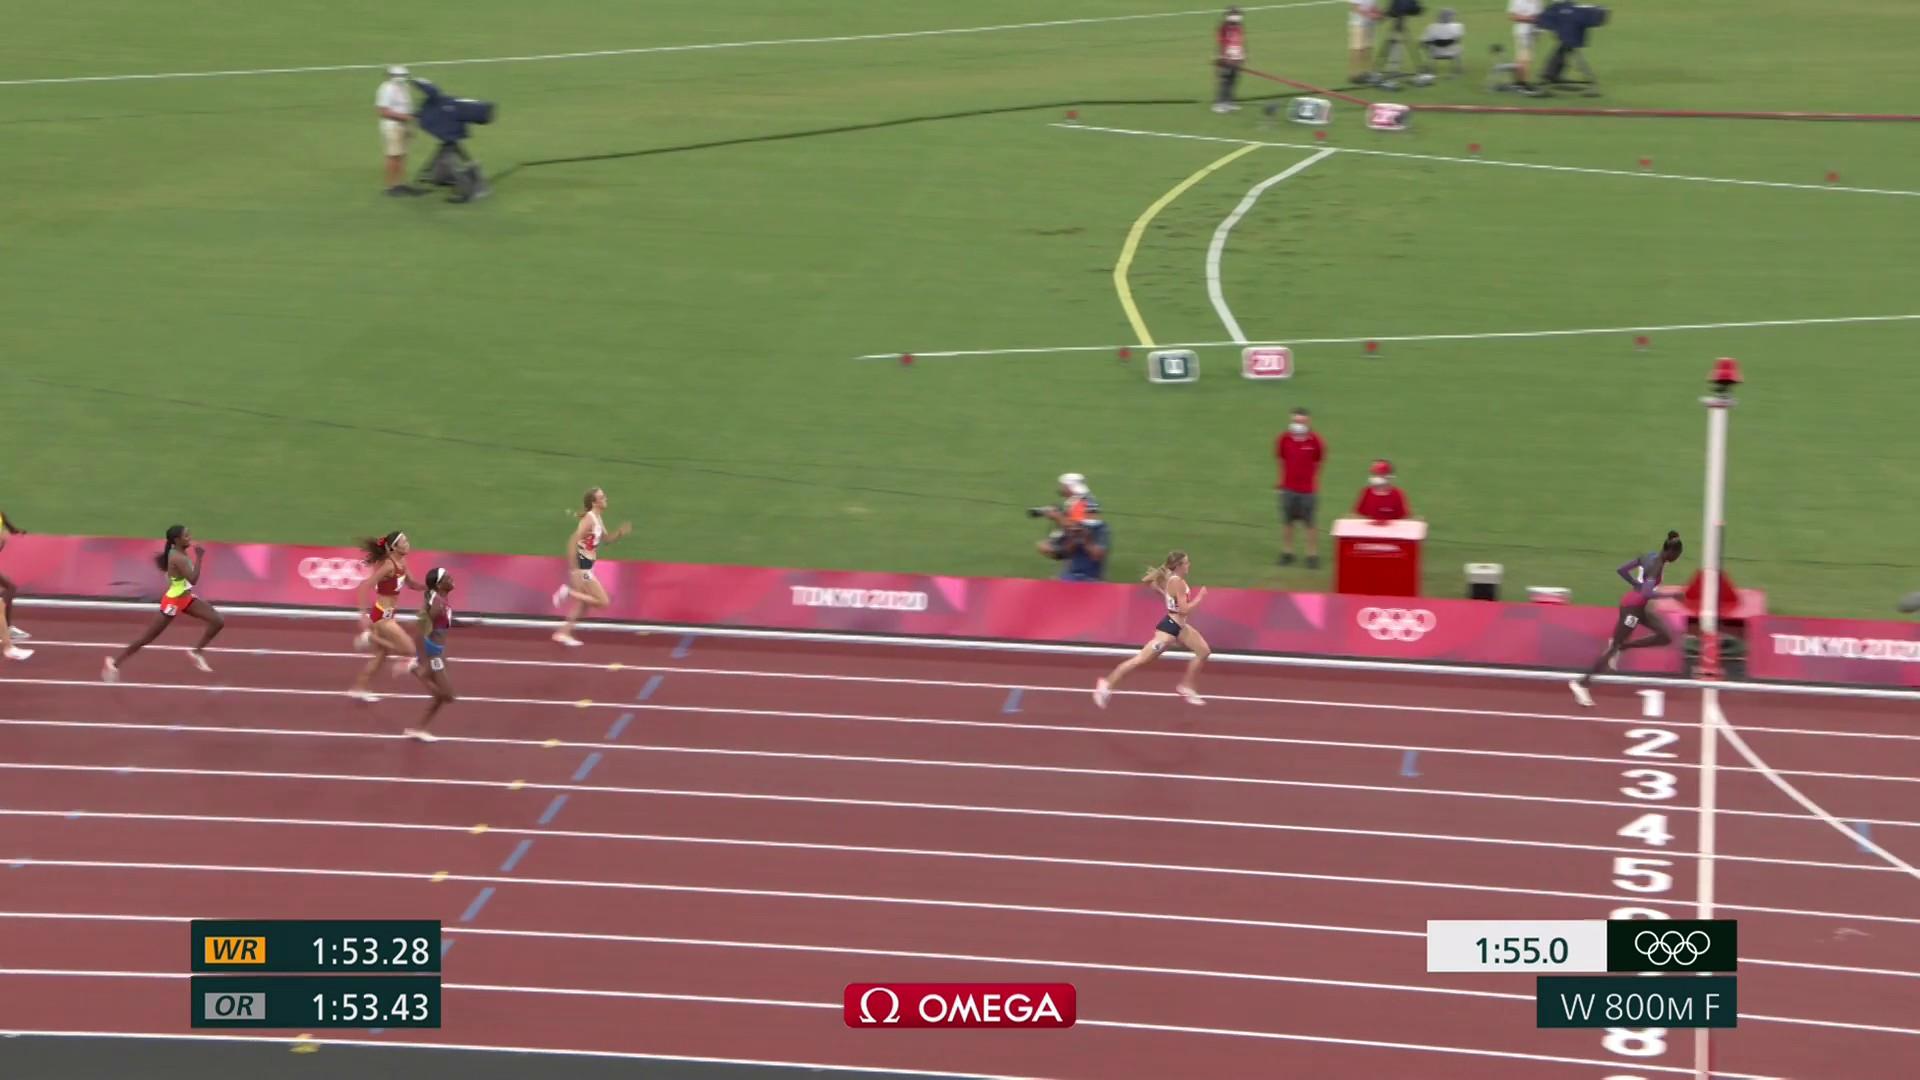 Athing Mu bỏ xa Hodgkinson một đoạn khi cán đích ở chung kết 800m nữ tối 3/8.